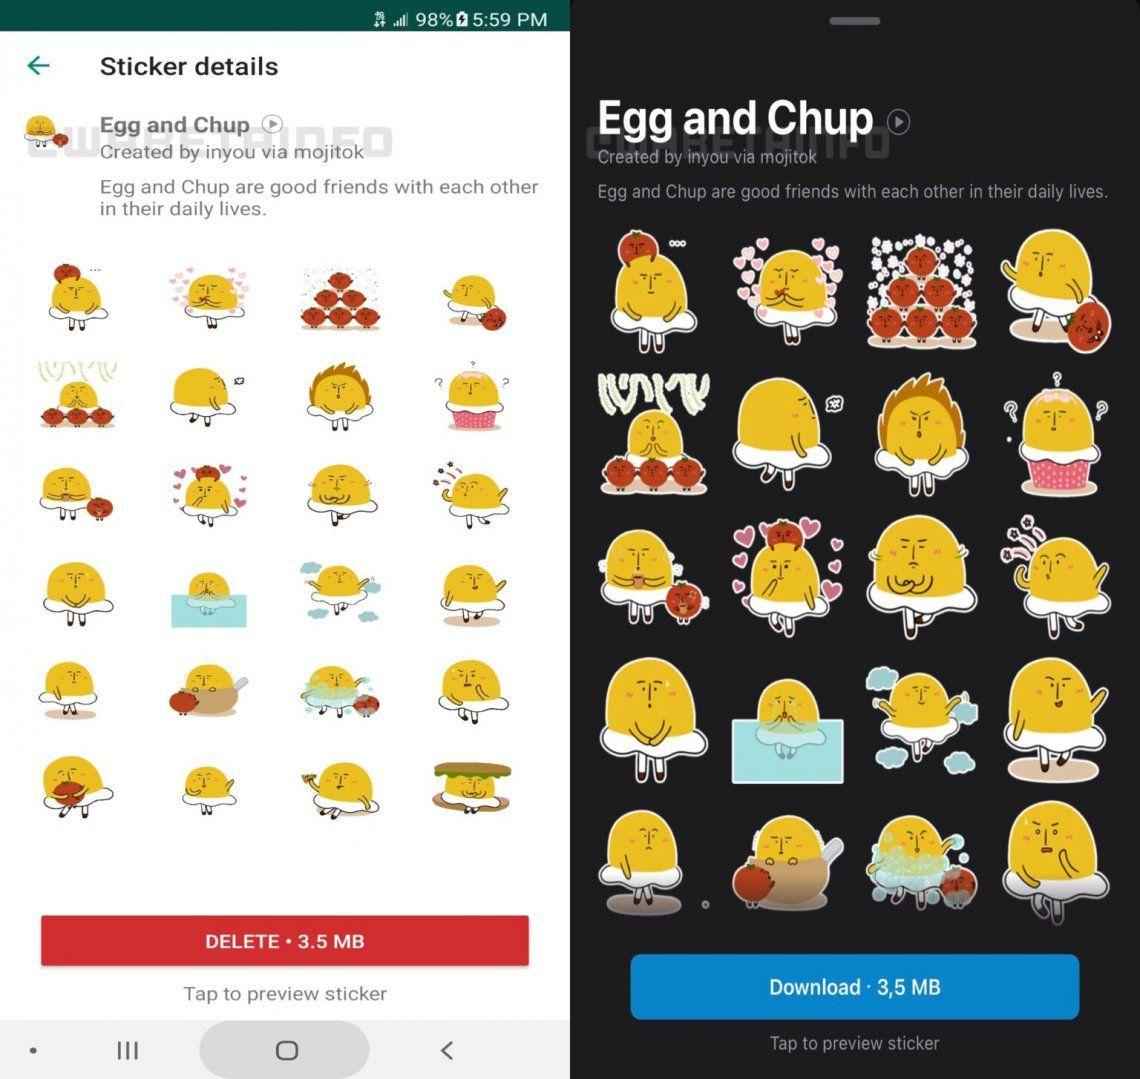 WhatsApp tiene nuevos packs de stickers: cómo descargarlos